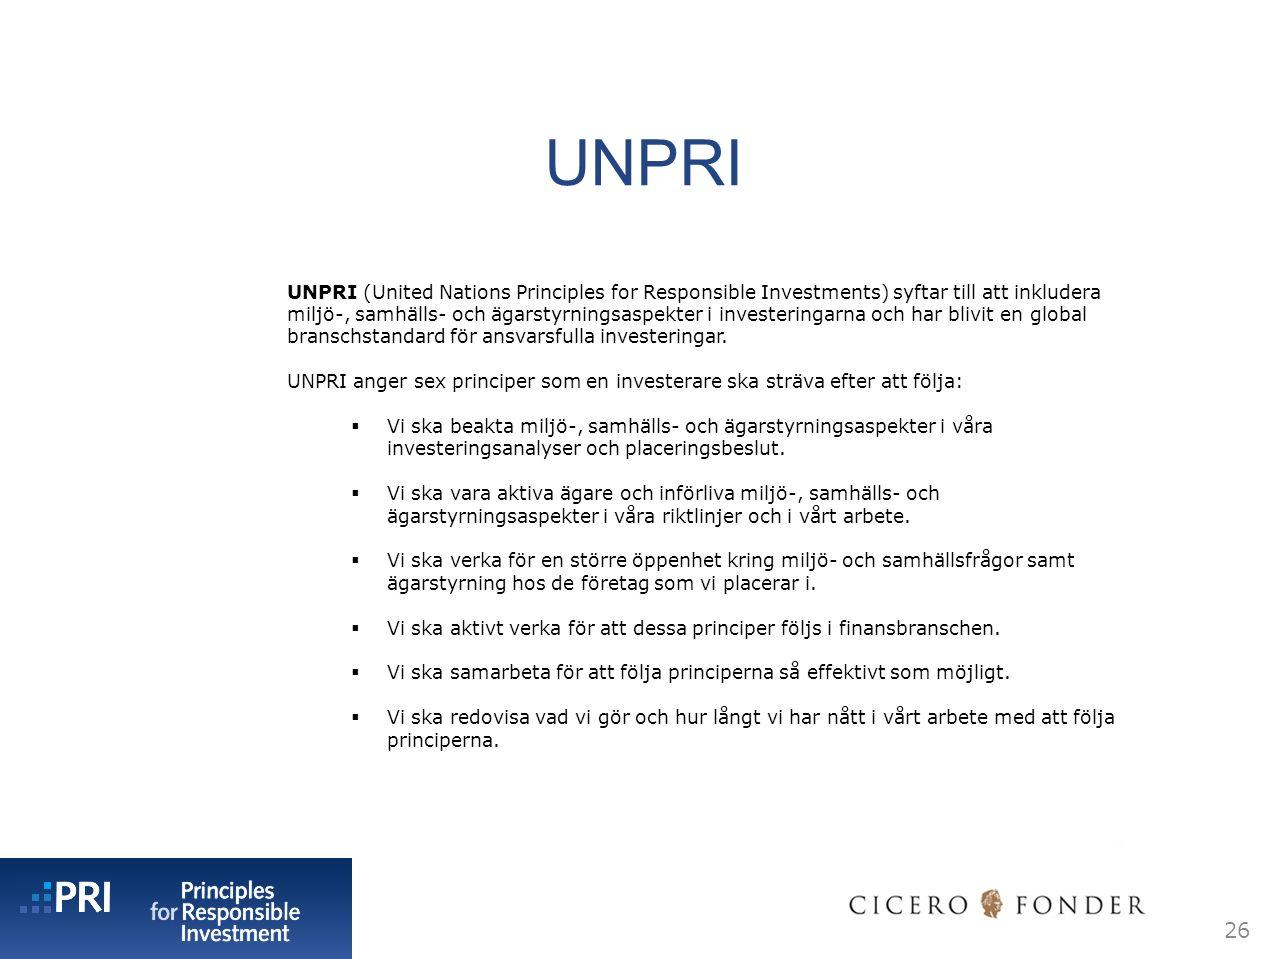 UNPRI 26 UNPRI (United Nations Principles for Responsible Investments) syftar till att inkludera miljö-, samhälls- och ägarstyrningsaspekter i investeringarna och har blivit en global branschstandard för ansvarsfulla investeringar.